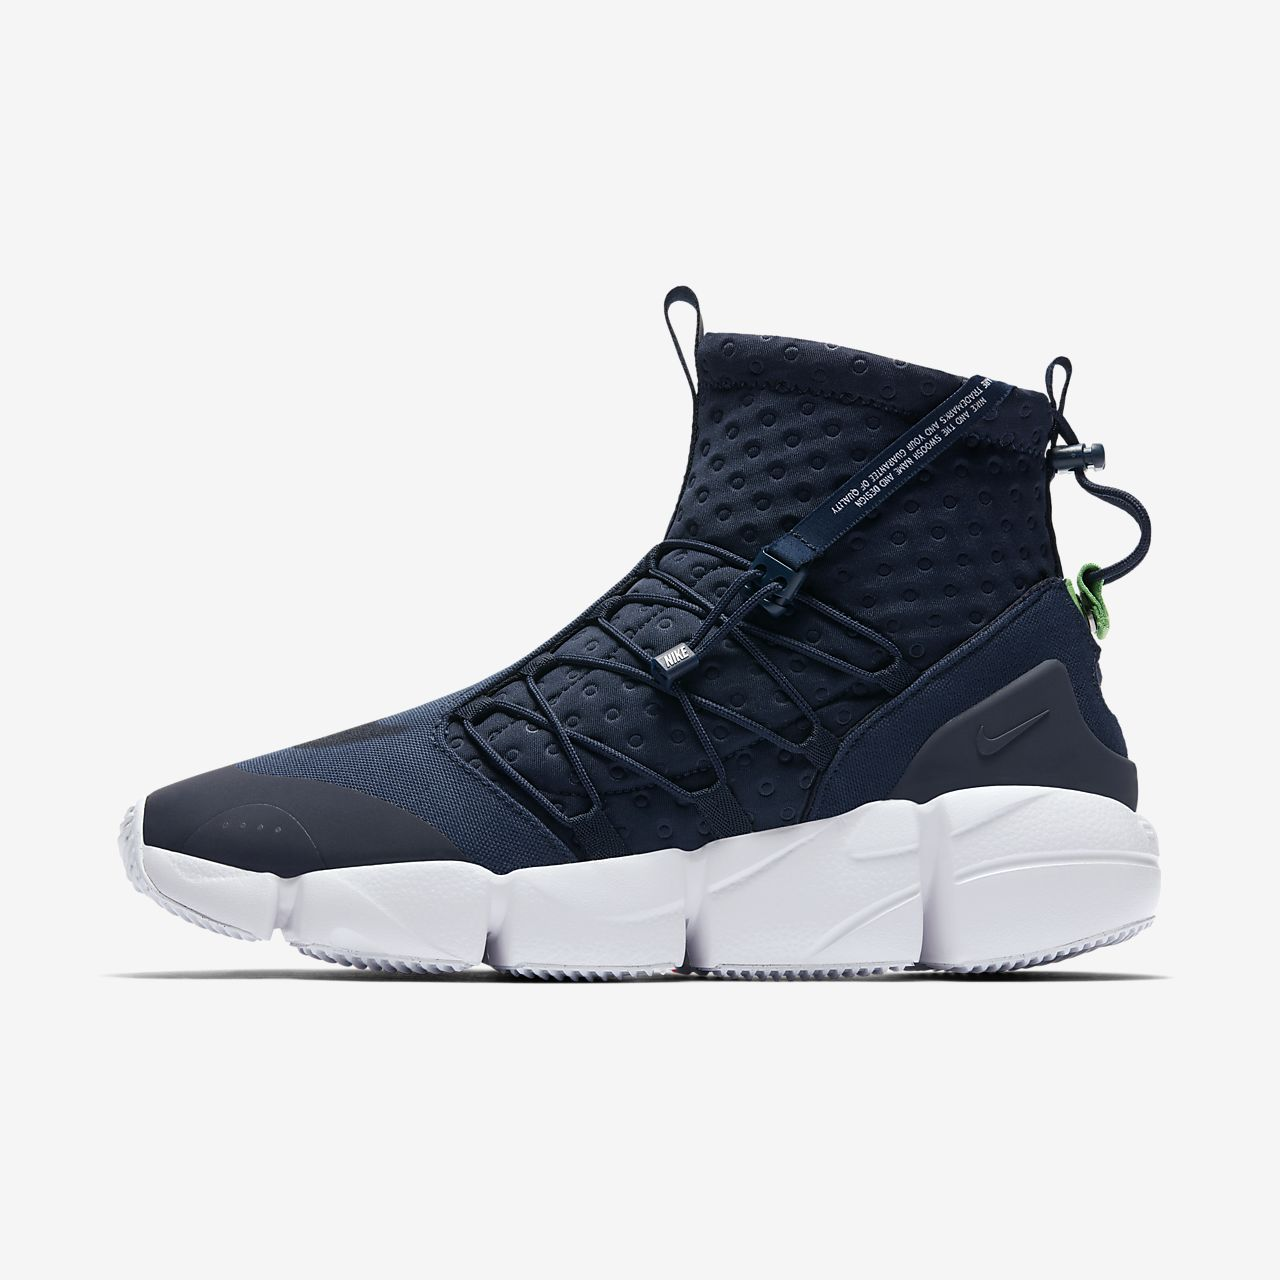 5c165ff91e5aa7 Nike Air Footscape Mid Utility Men s Shoe. Nike.com GB